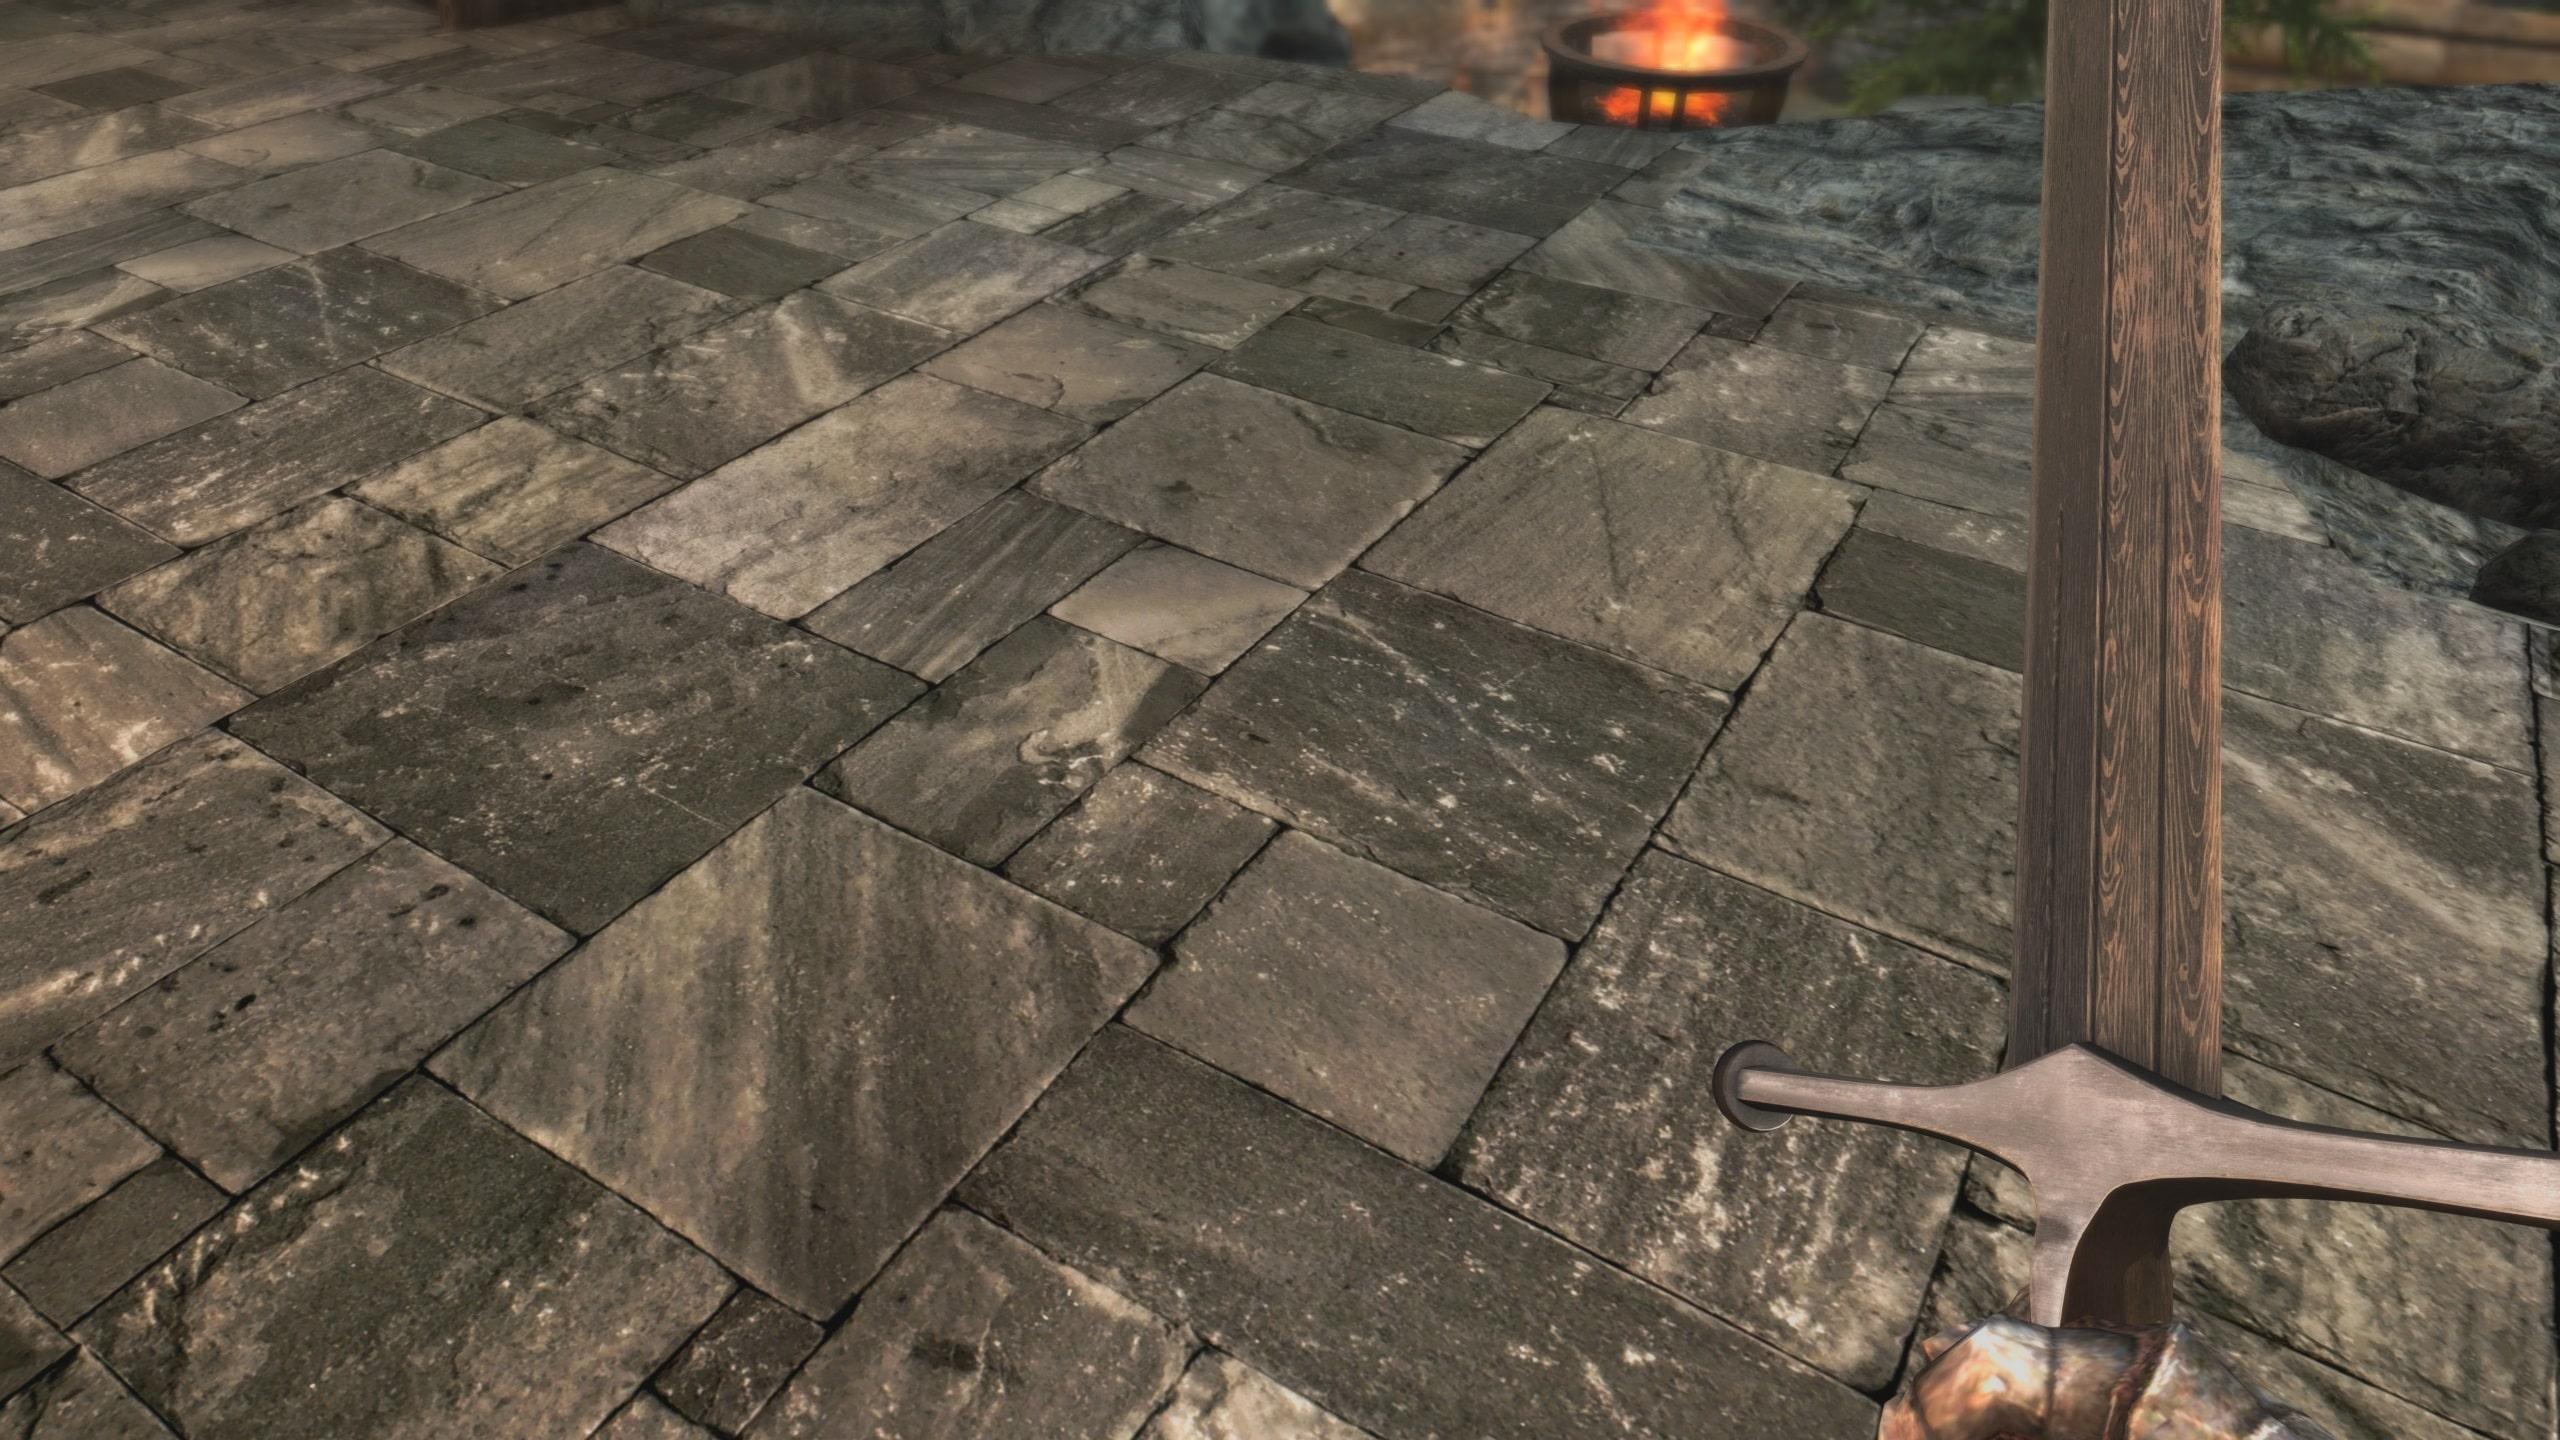 лед нэда старка меч игра престолов скайрим